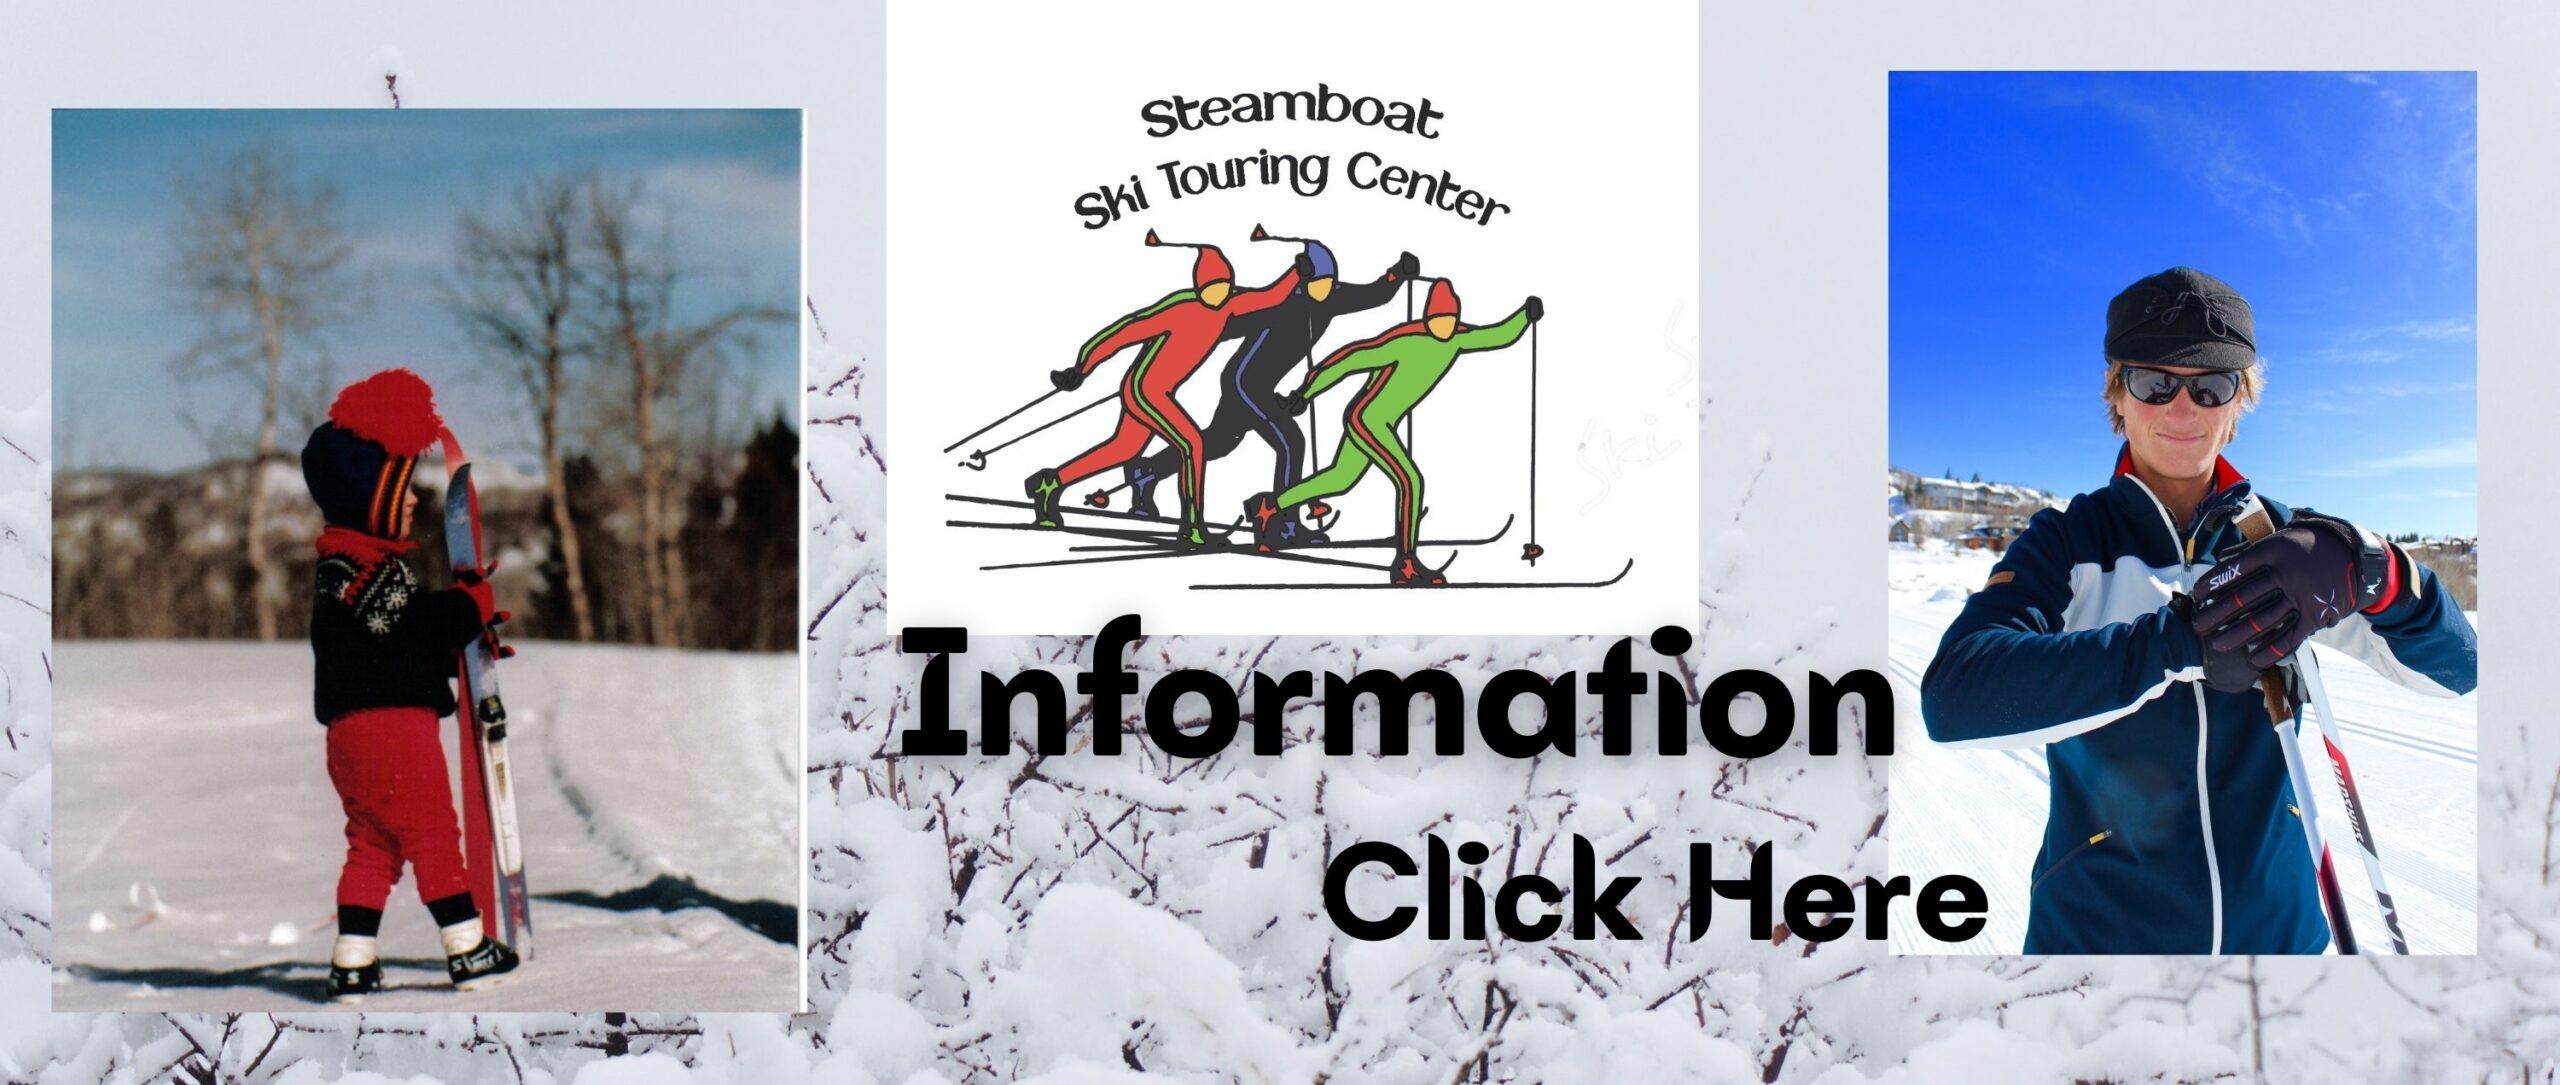 Banner- Steamboat Ski Touring Center -2